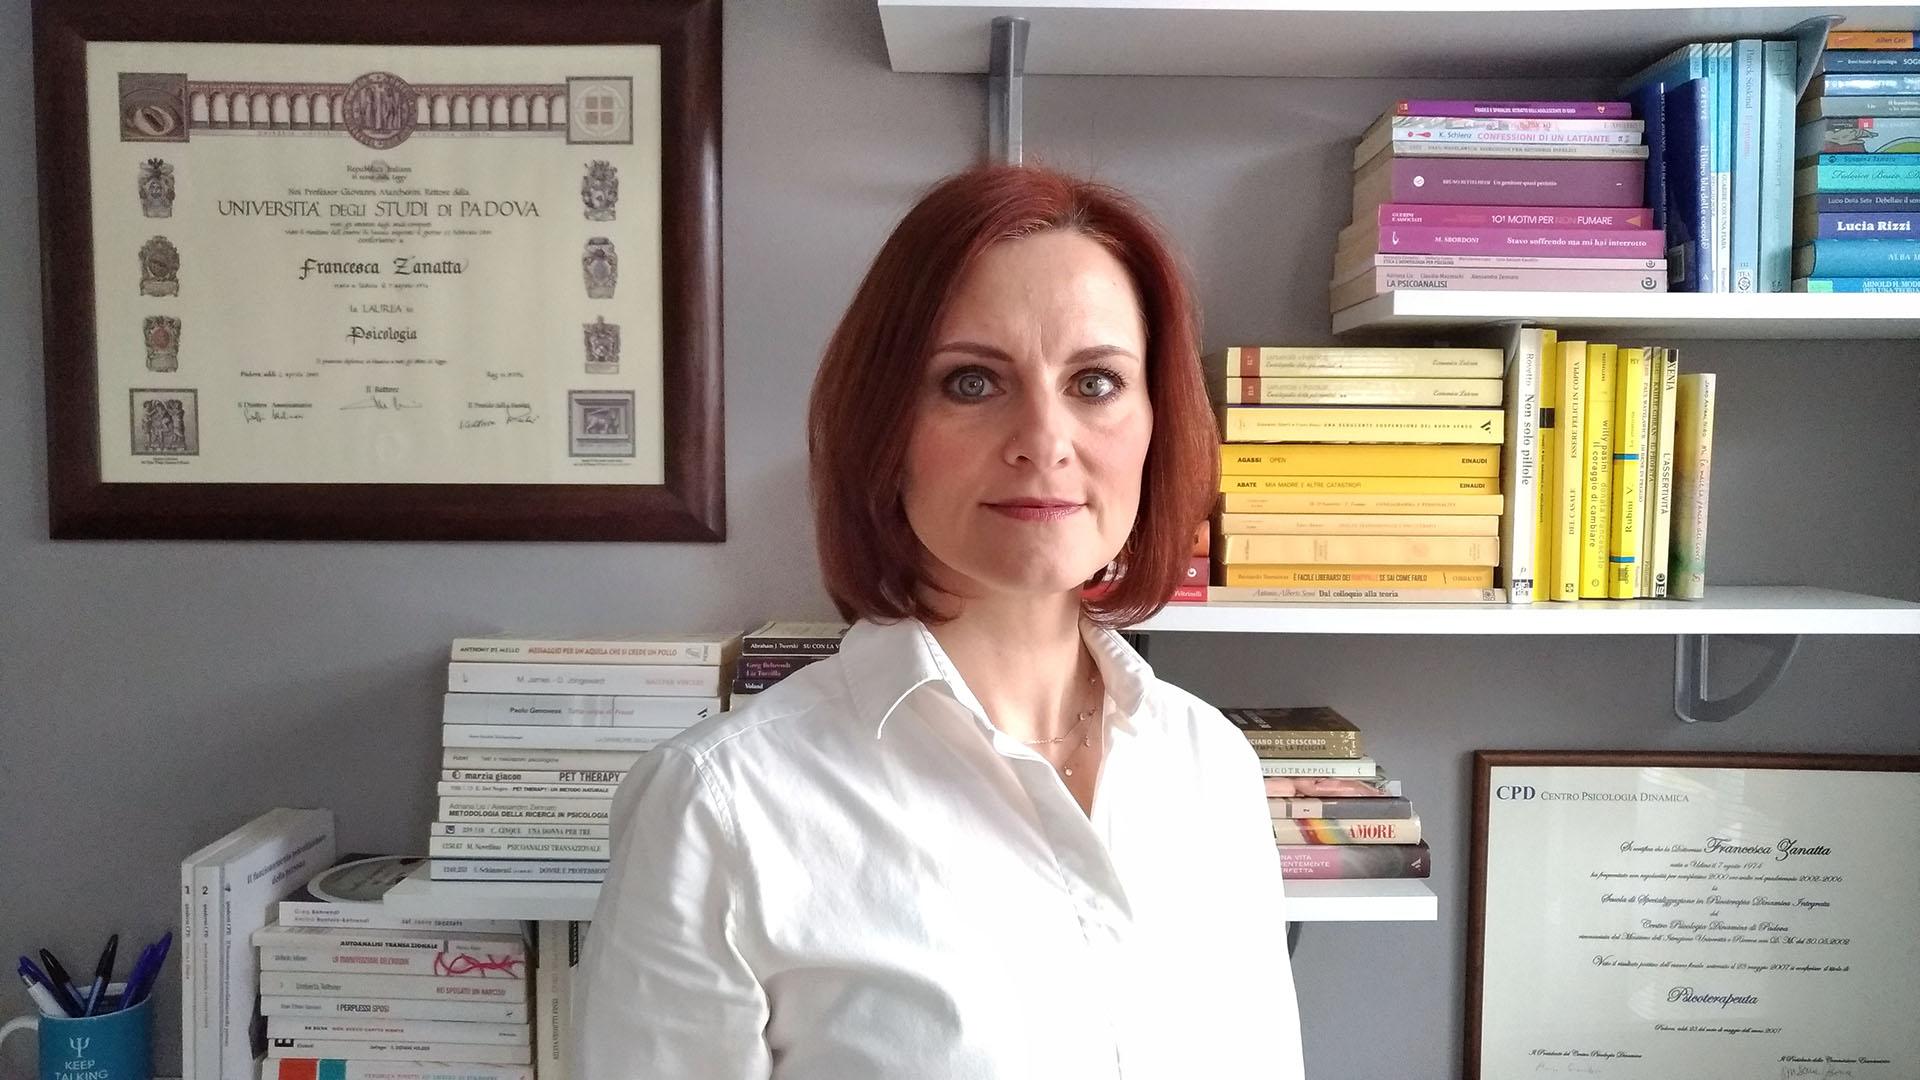 Dott.ssa Zanatta Psicologa Padova